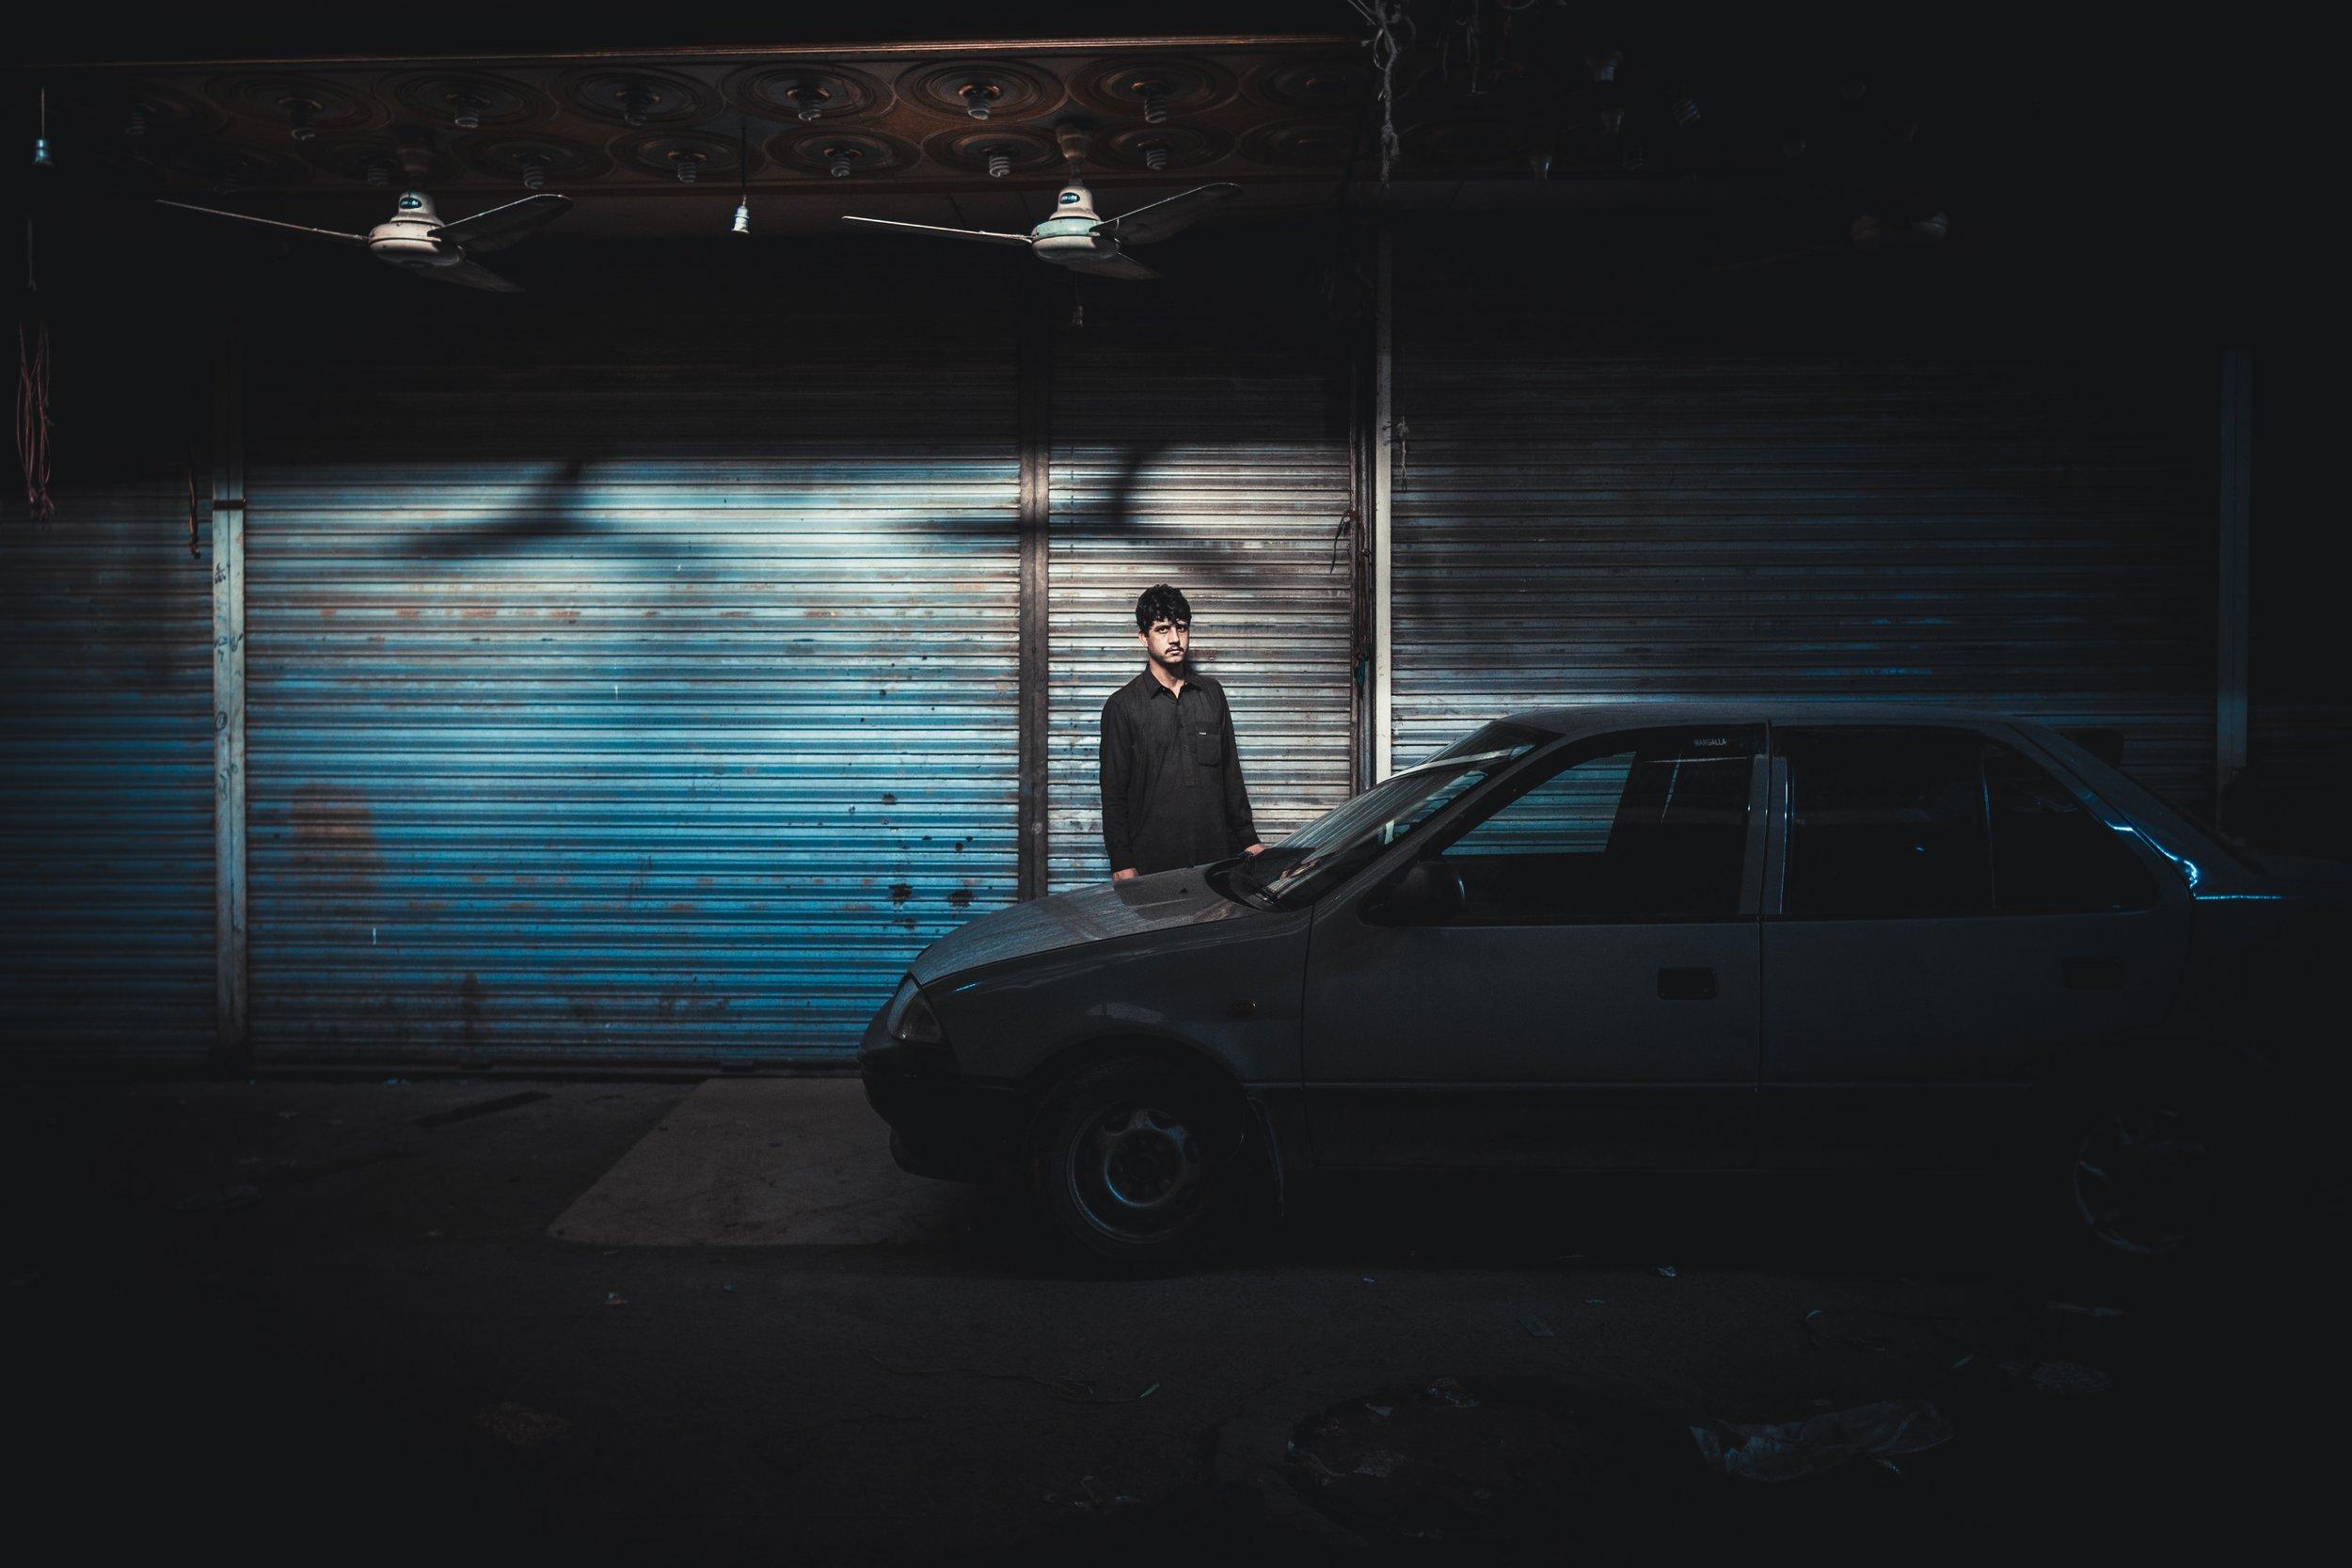 Photo 114 - Karachi Car Late Night.jpg